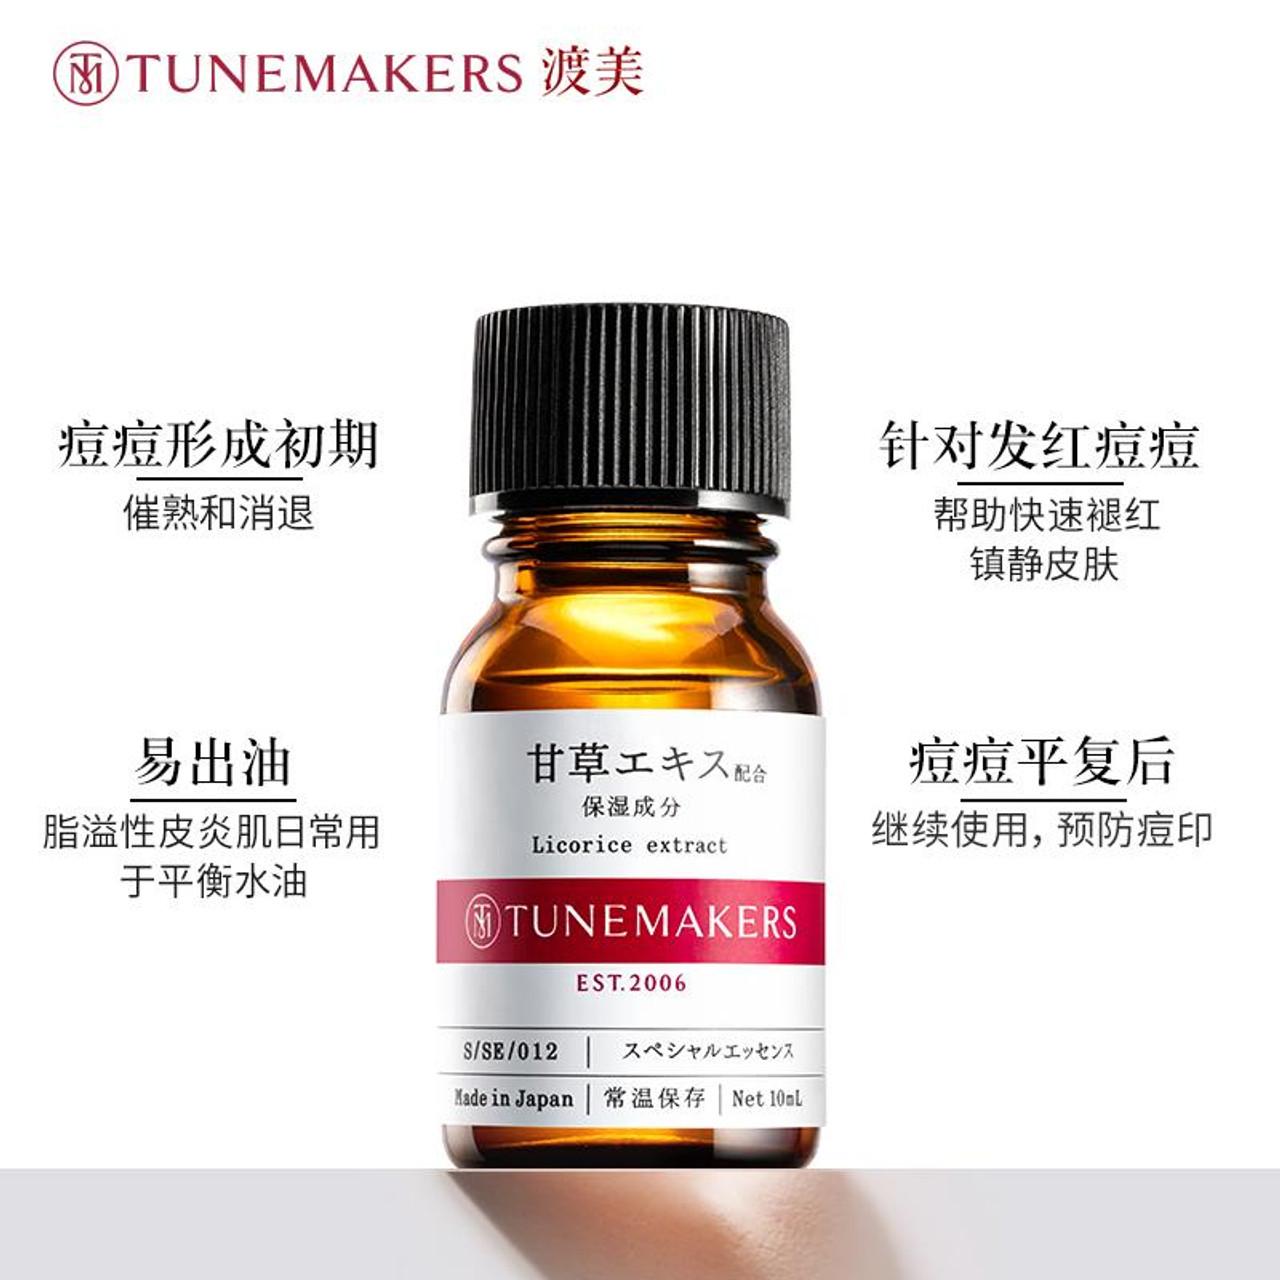 日本TUNEMAKERS 新版甘草提取物美容精华原液粗糙痘痘肌护理10ml 祛痘去闭口去粉刺